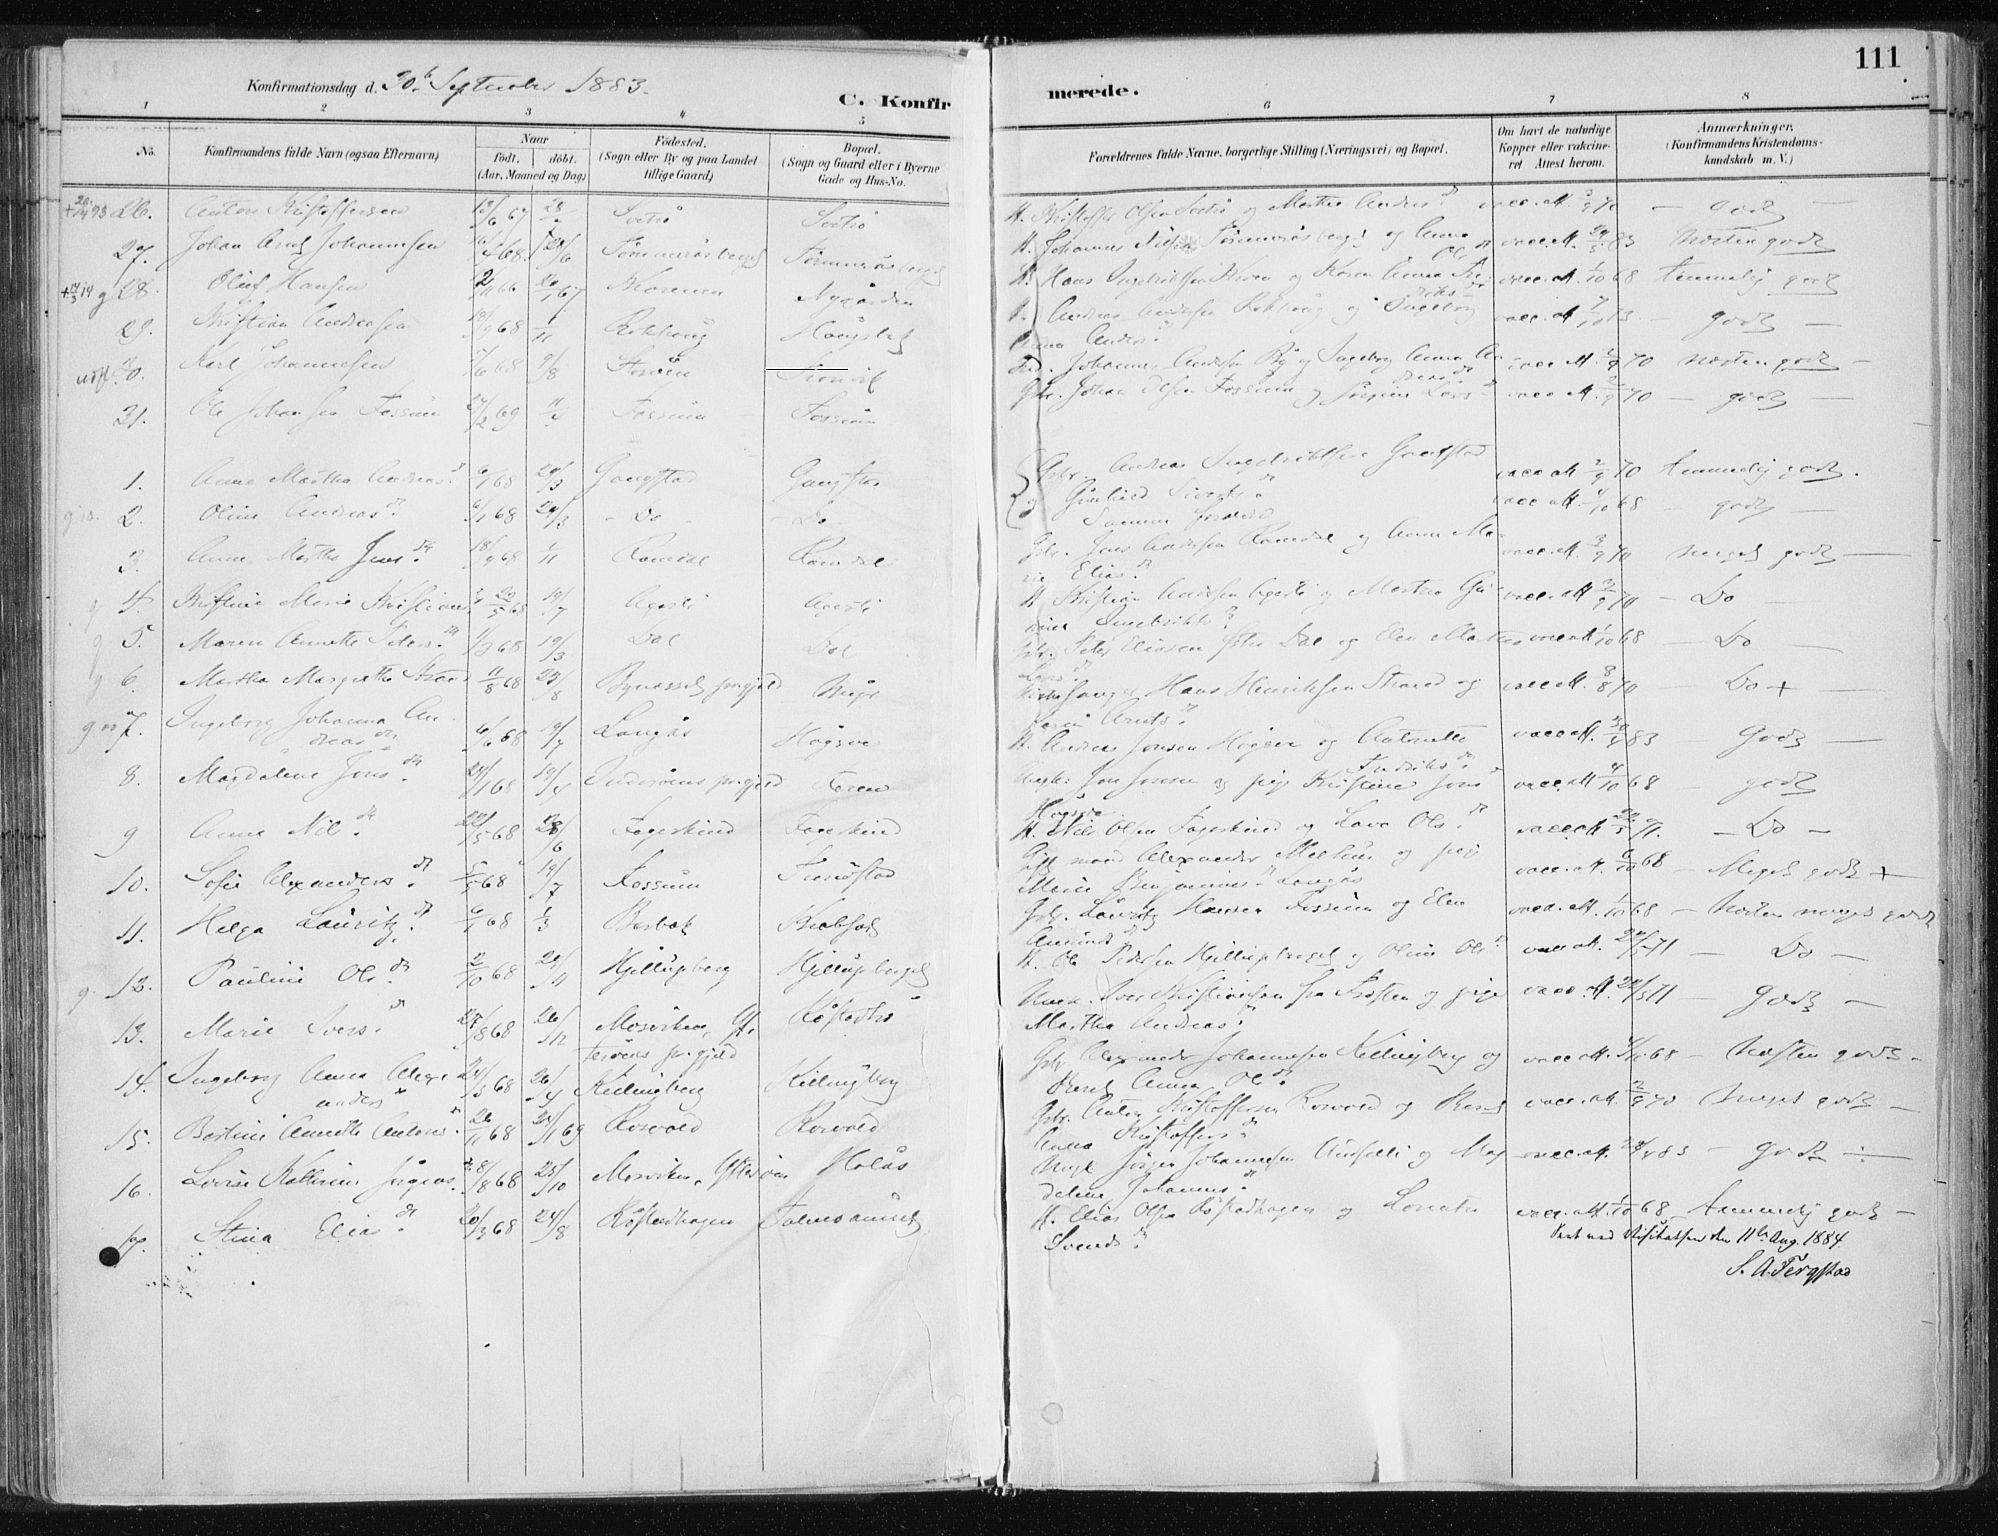 SAT, Ministerialprotokoller, klokkerbøker og fødselsregistre - Nord-Trøndelag, 701/L0010: Ministerialbok nr. 701A10, 1883-1899, s. 111